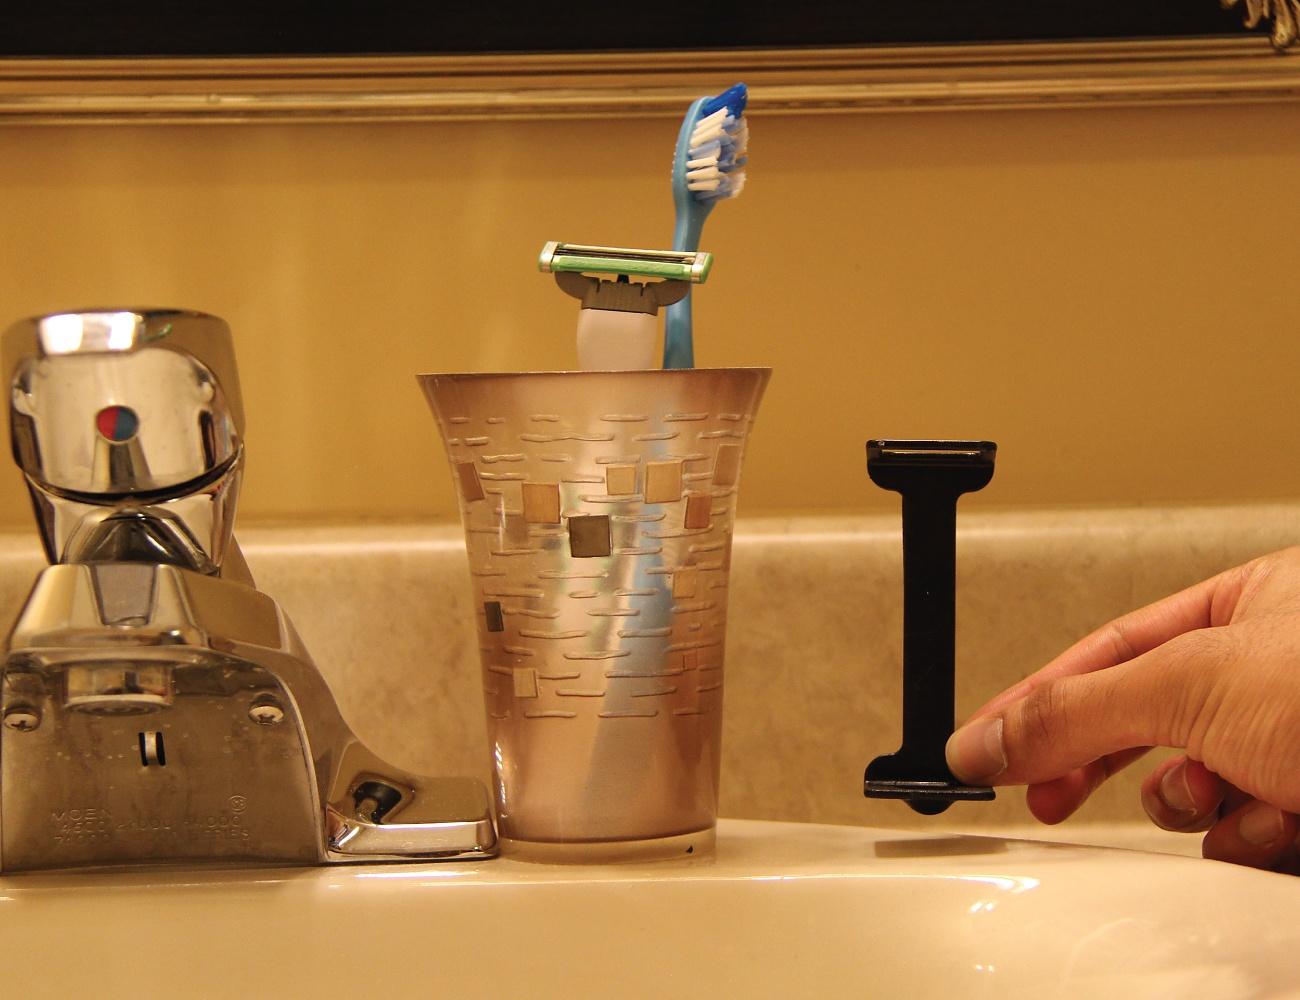 Nano+Suction+Toothbrush+Holder